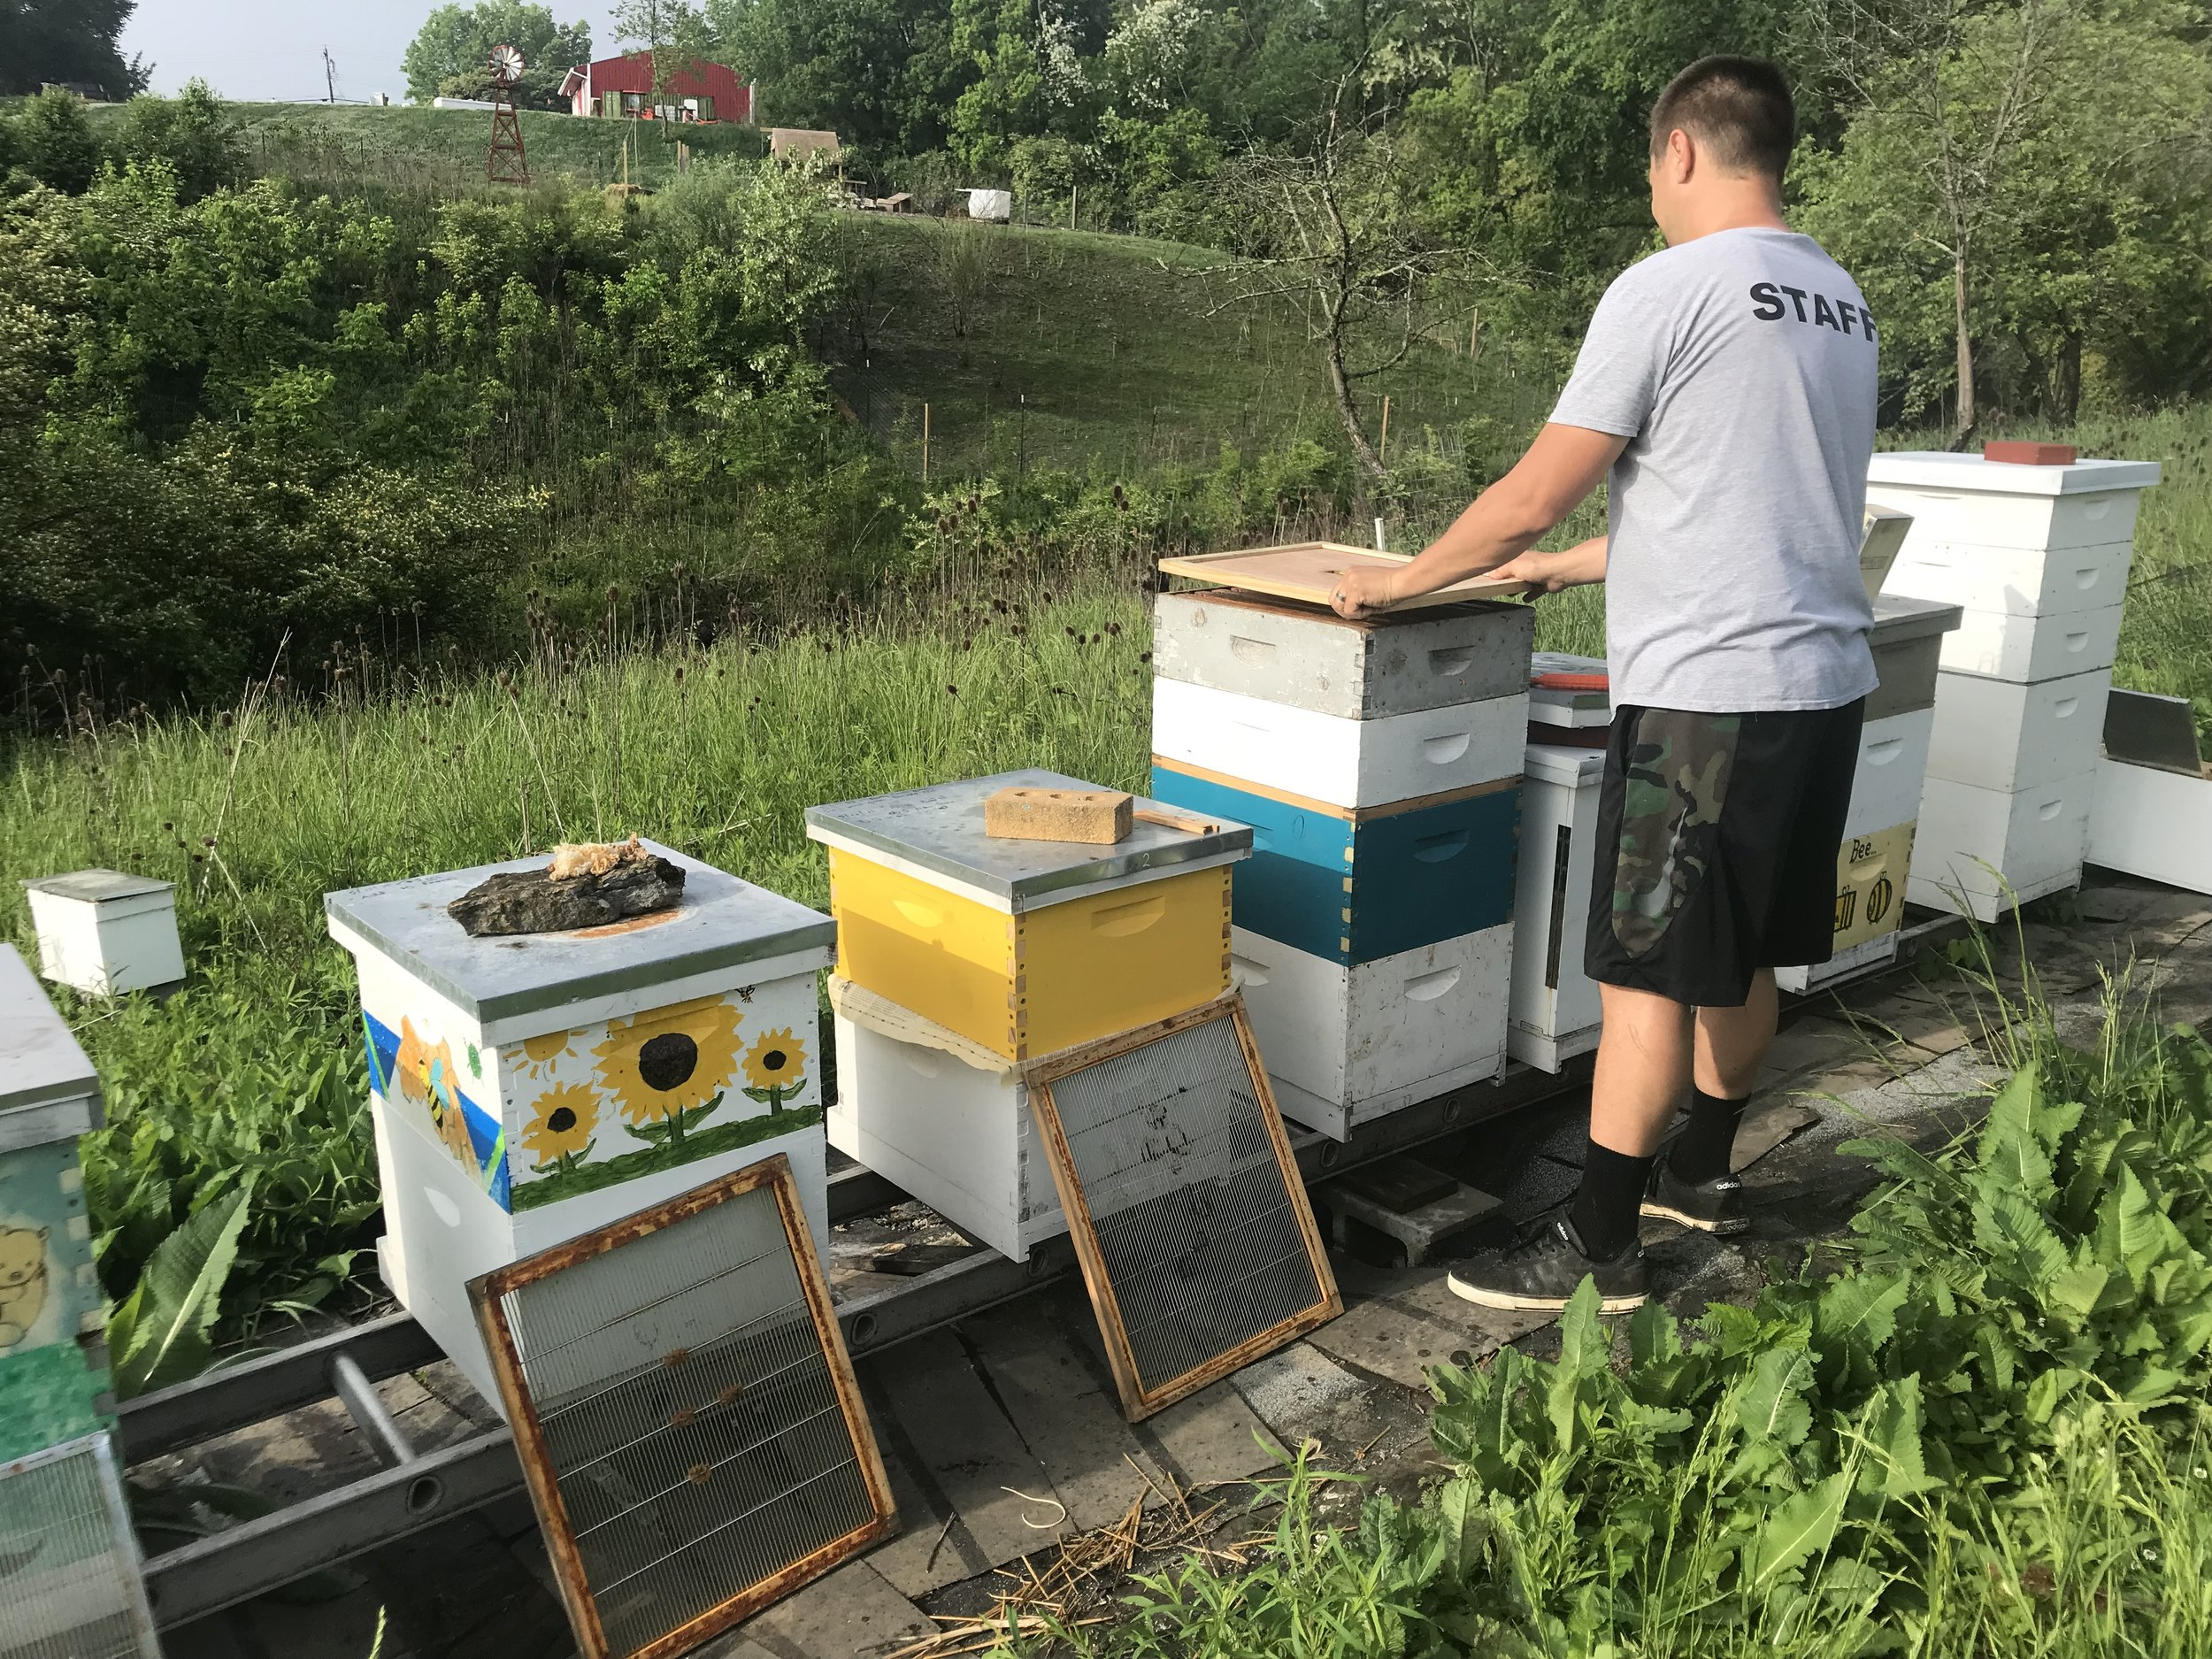 Host A Hive Gaiser Bee Co.